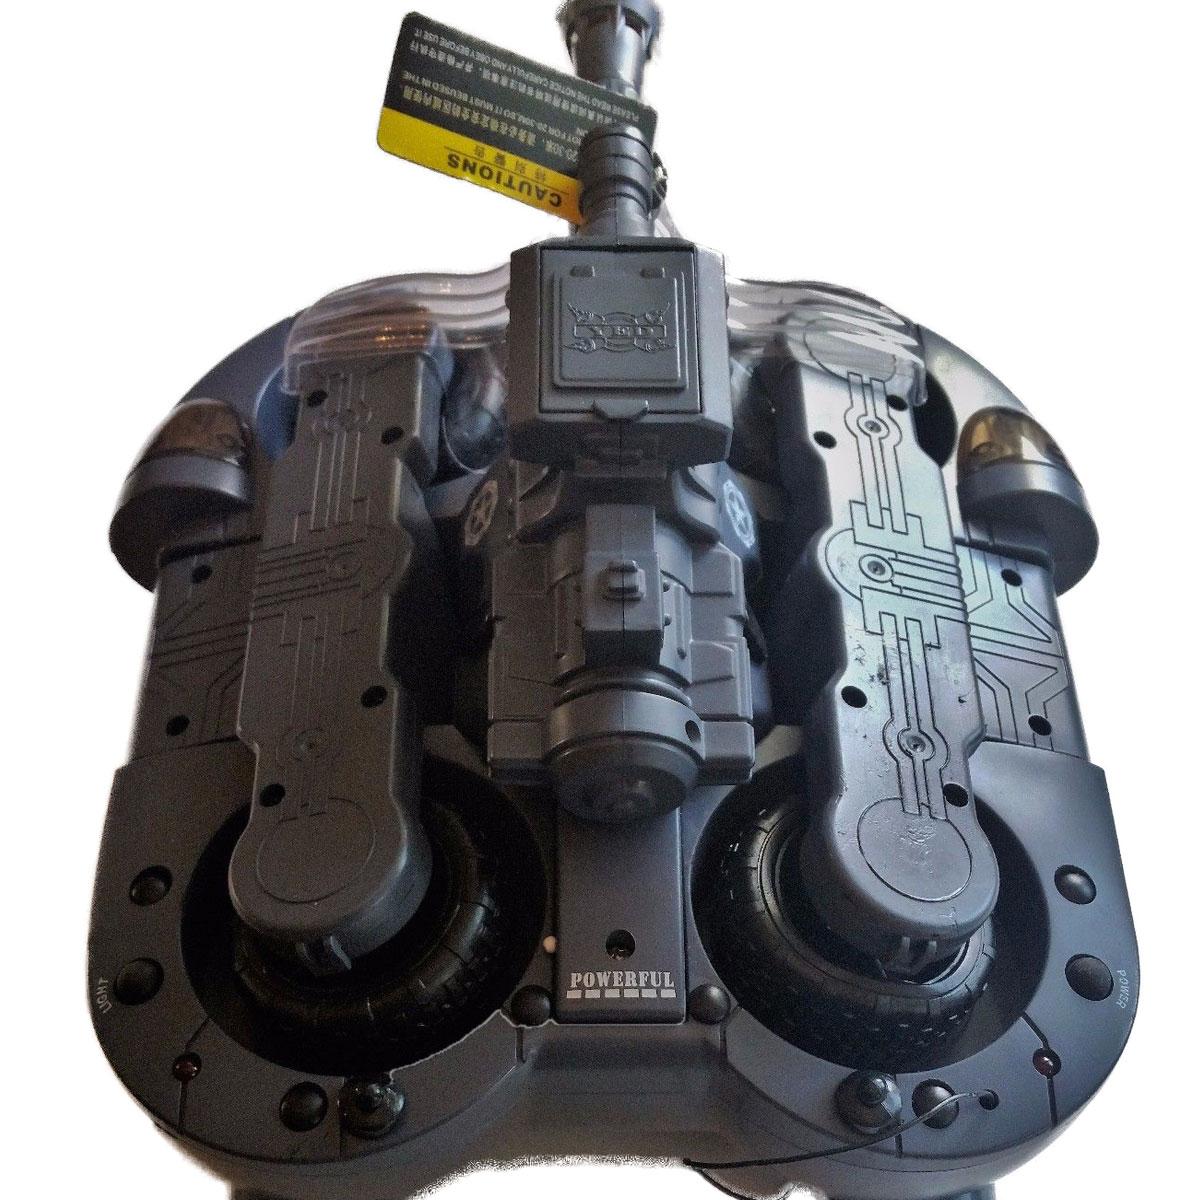 Xe Điều Khiển Chạy Dưới Nước Amphibious Chariot Tank 24883 2.4Ghz